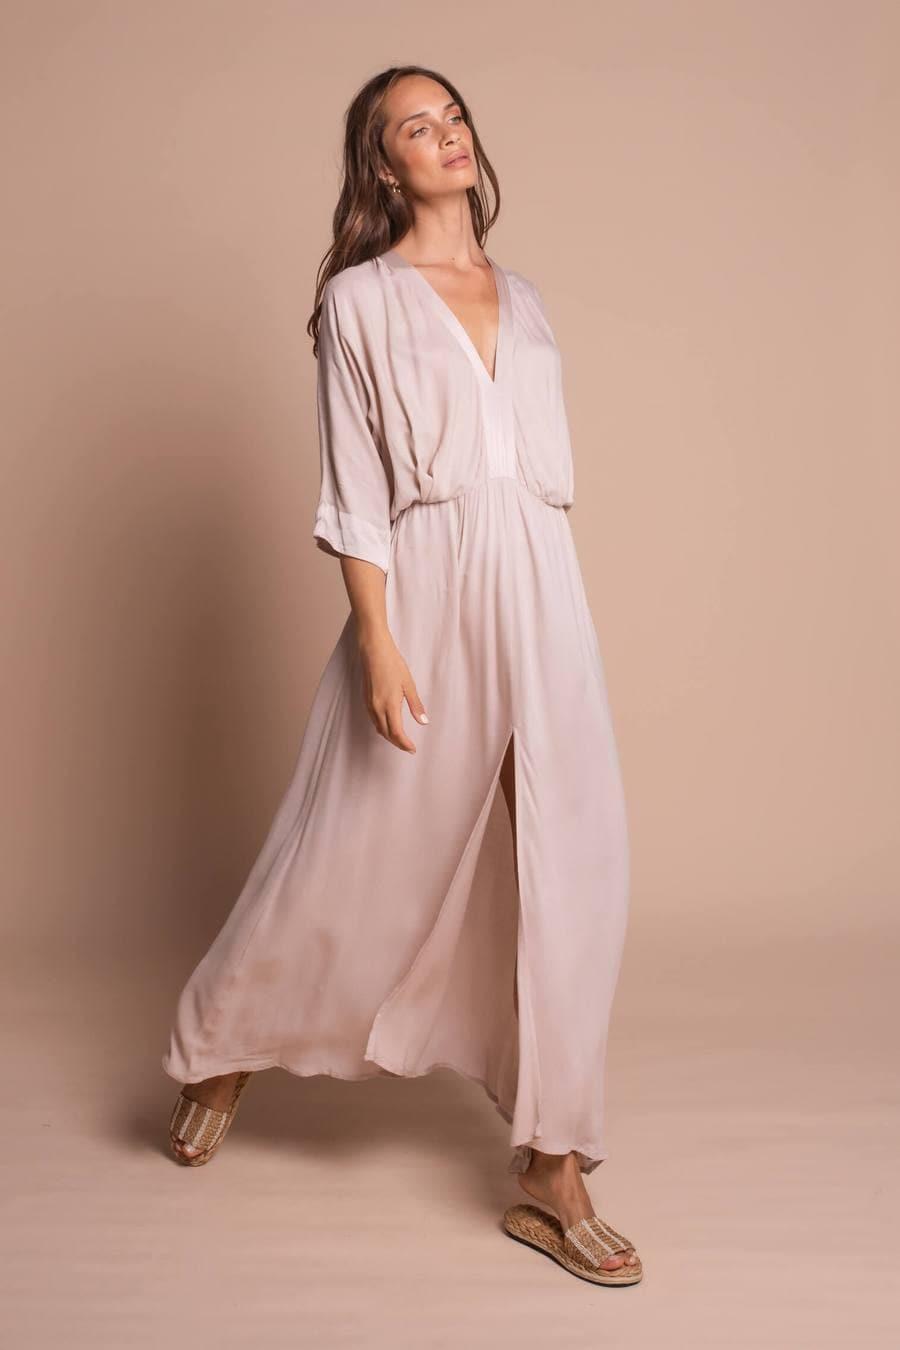 Elegant Maxi Dress in Cream